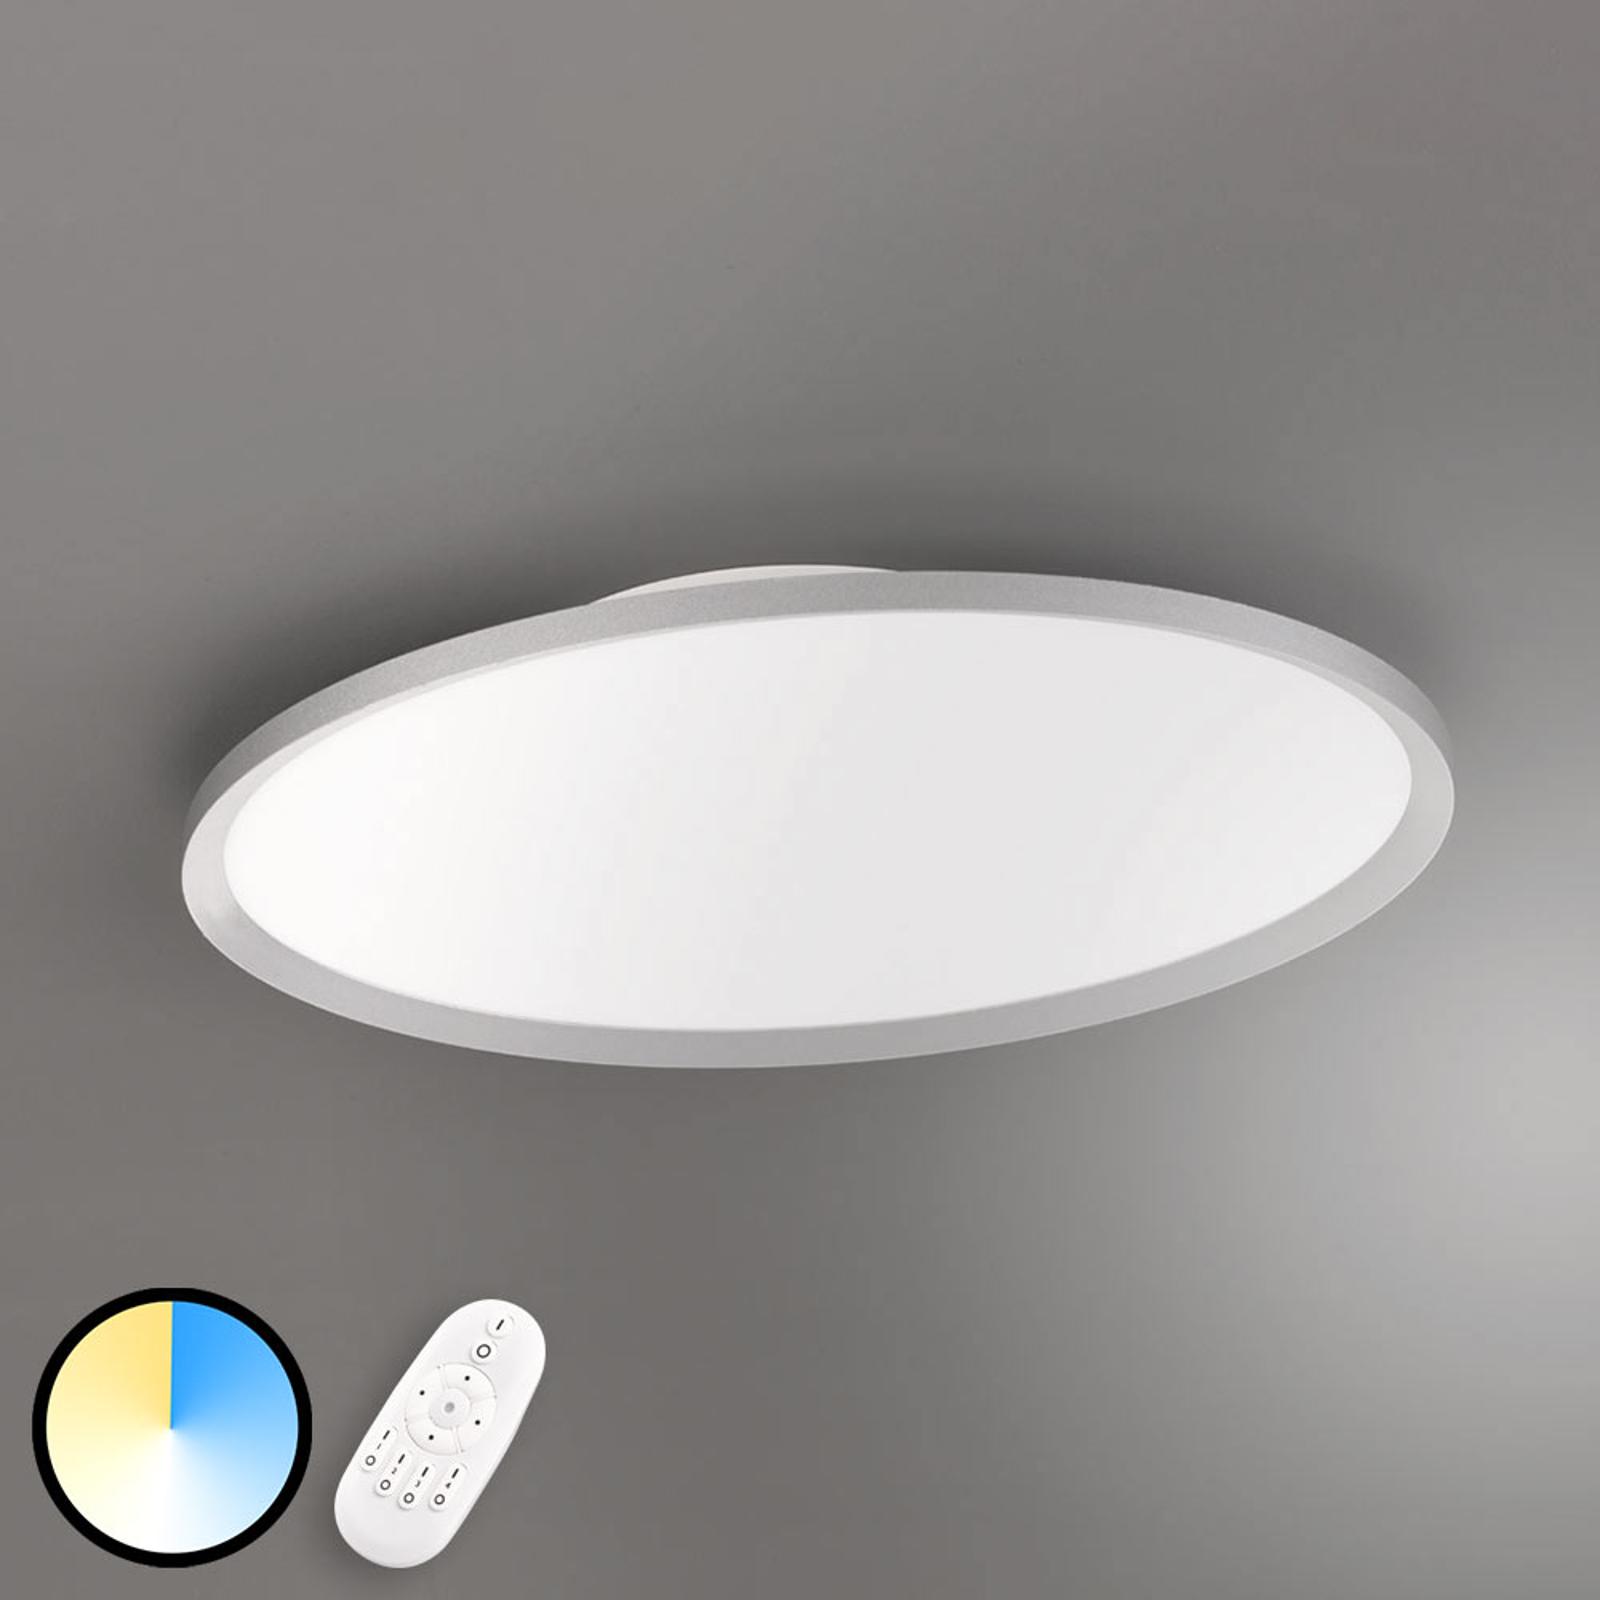 Monitoimintainen LED-kattolamppu Torrance, 64 cm